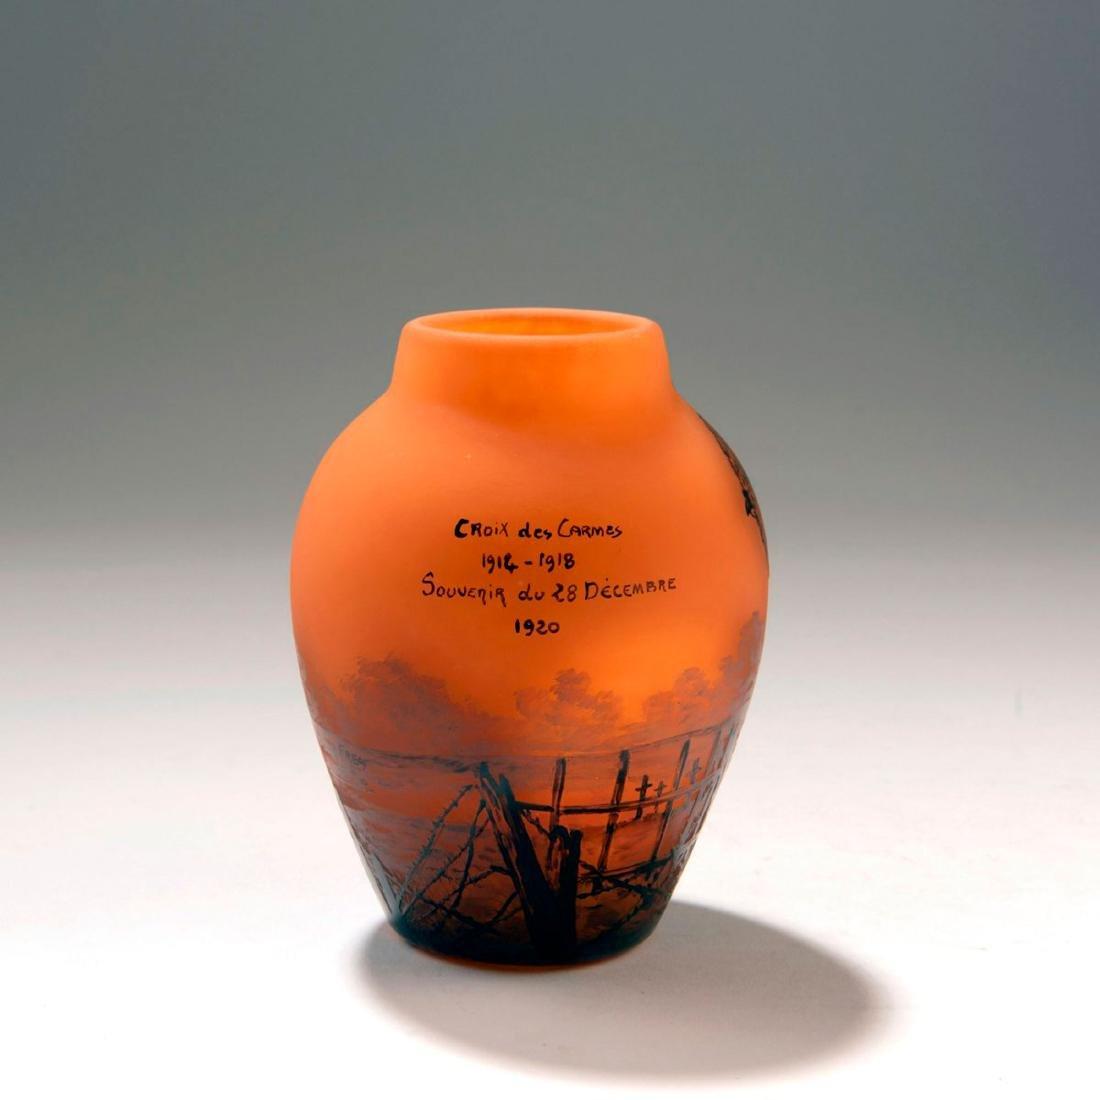 'Croix des Carmes' vase, dated 1920 - 2